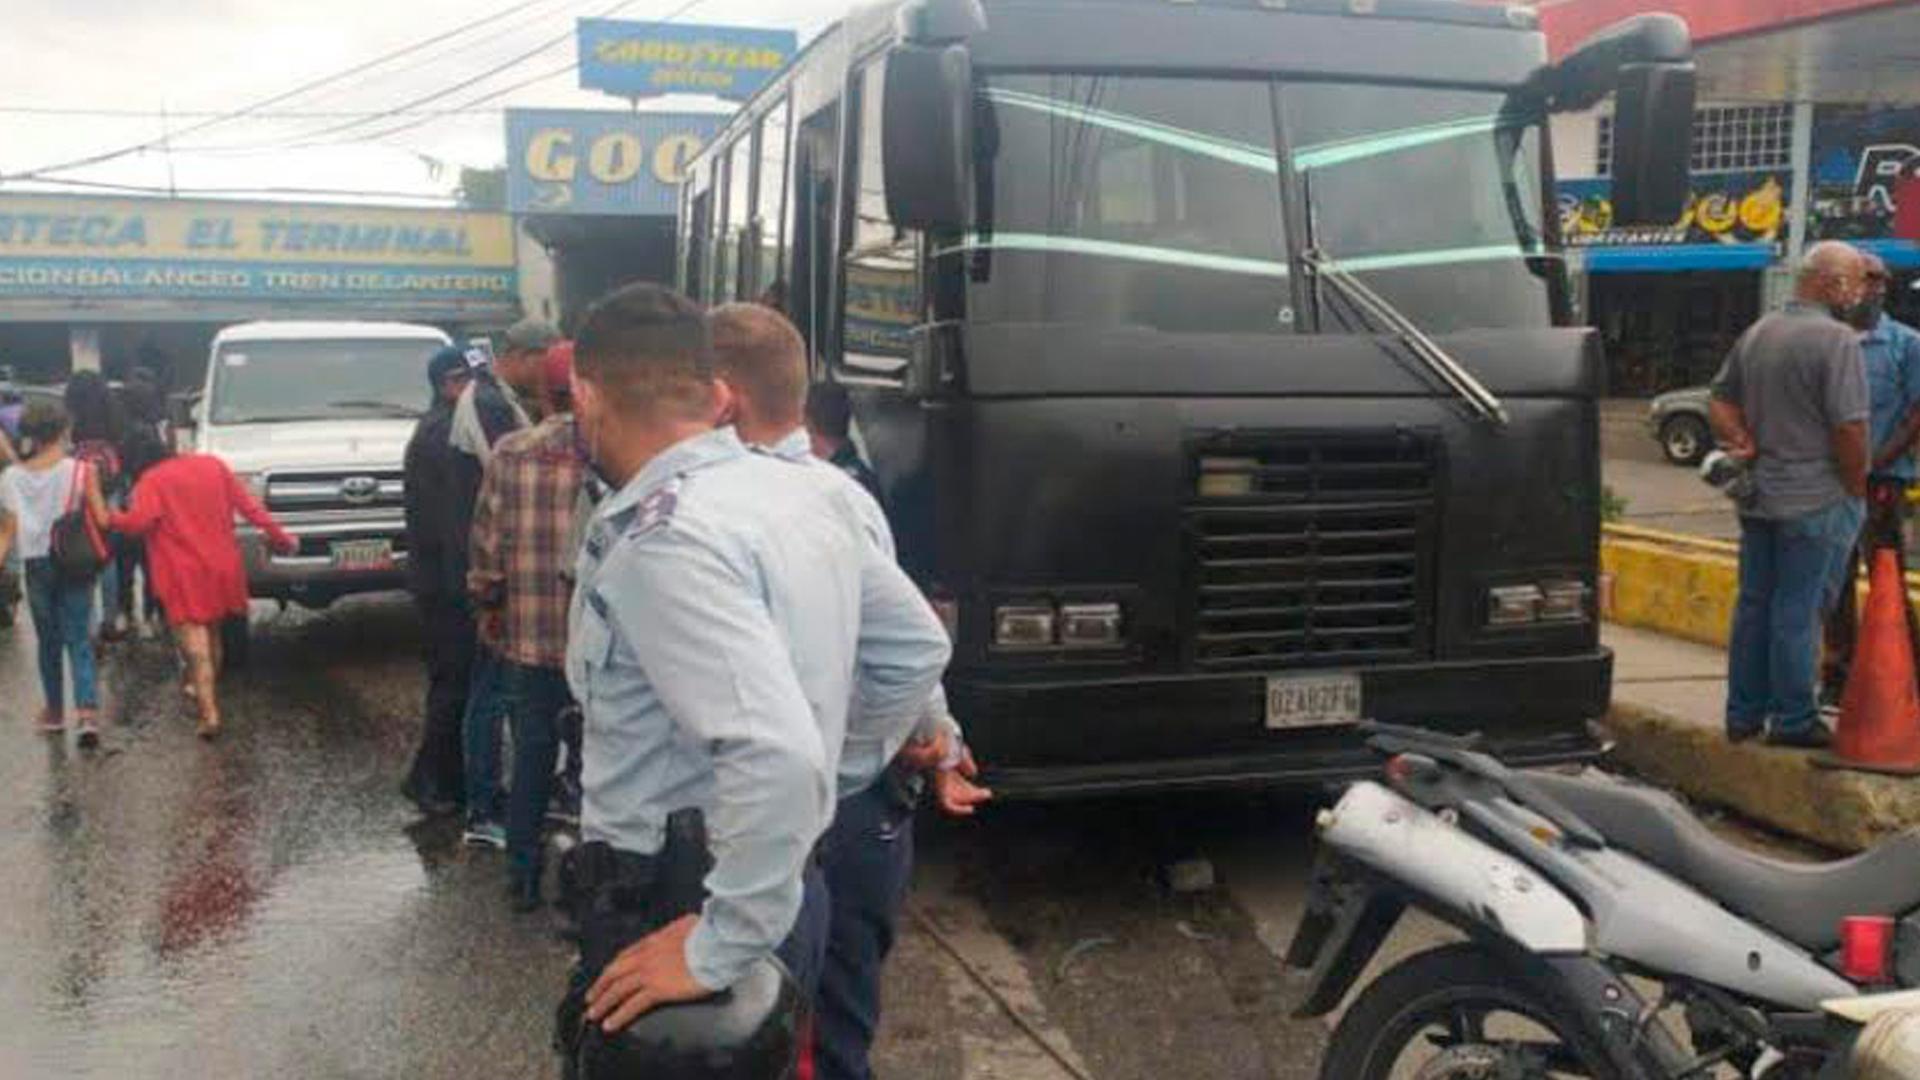 #MonitorDeVictimas | Un fallecido dejó un robo en una unidad de transporte público en Petare